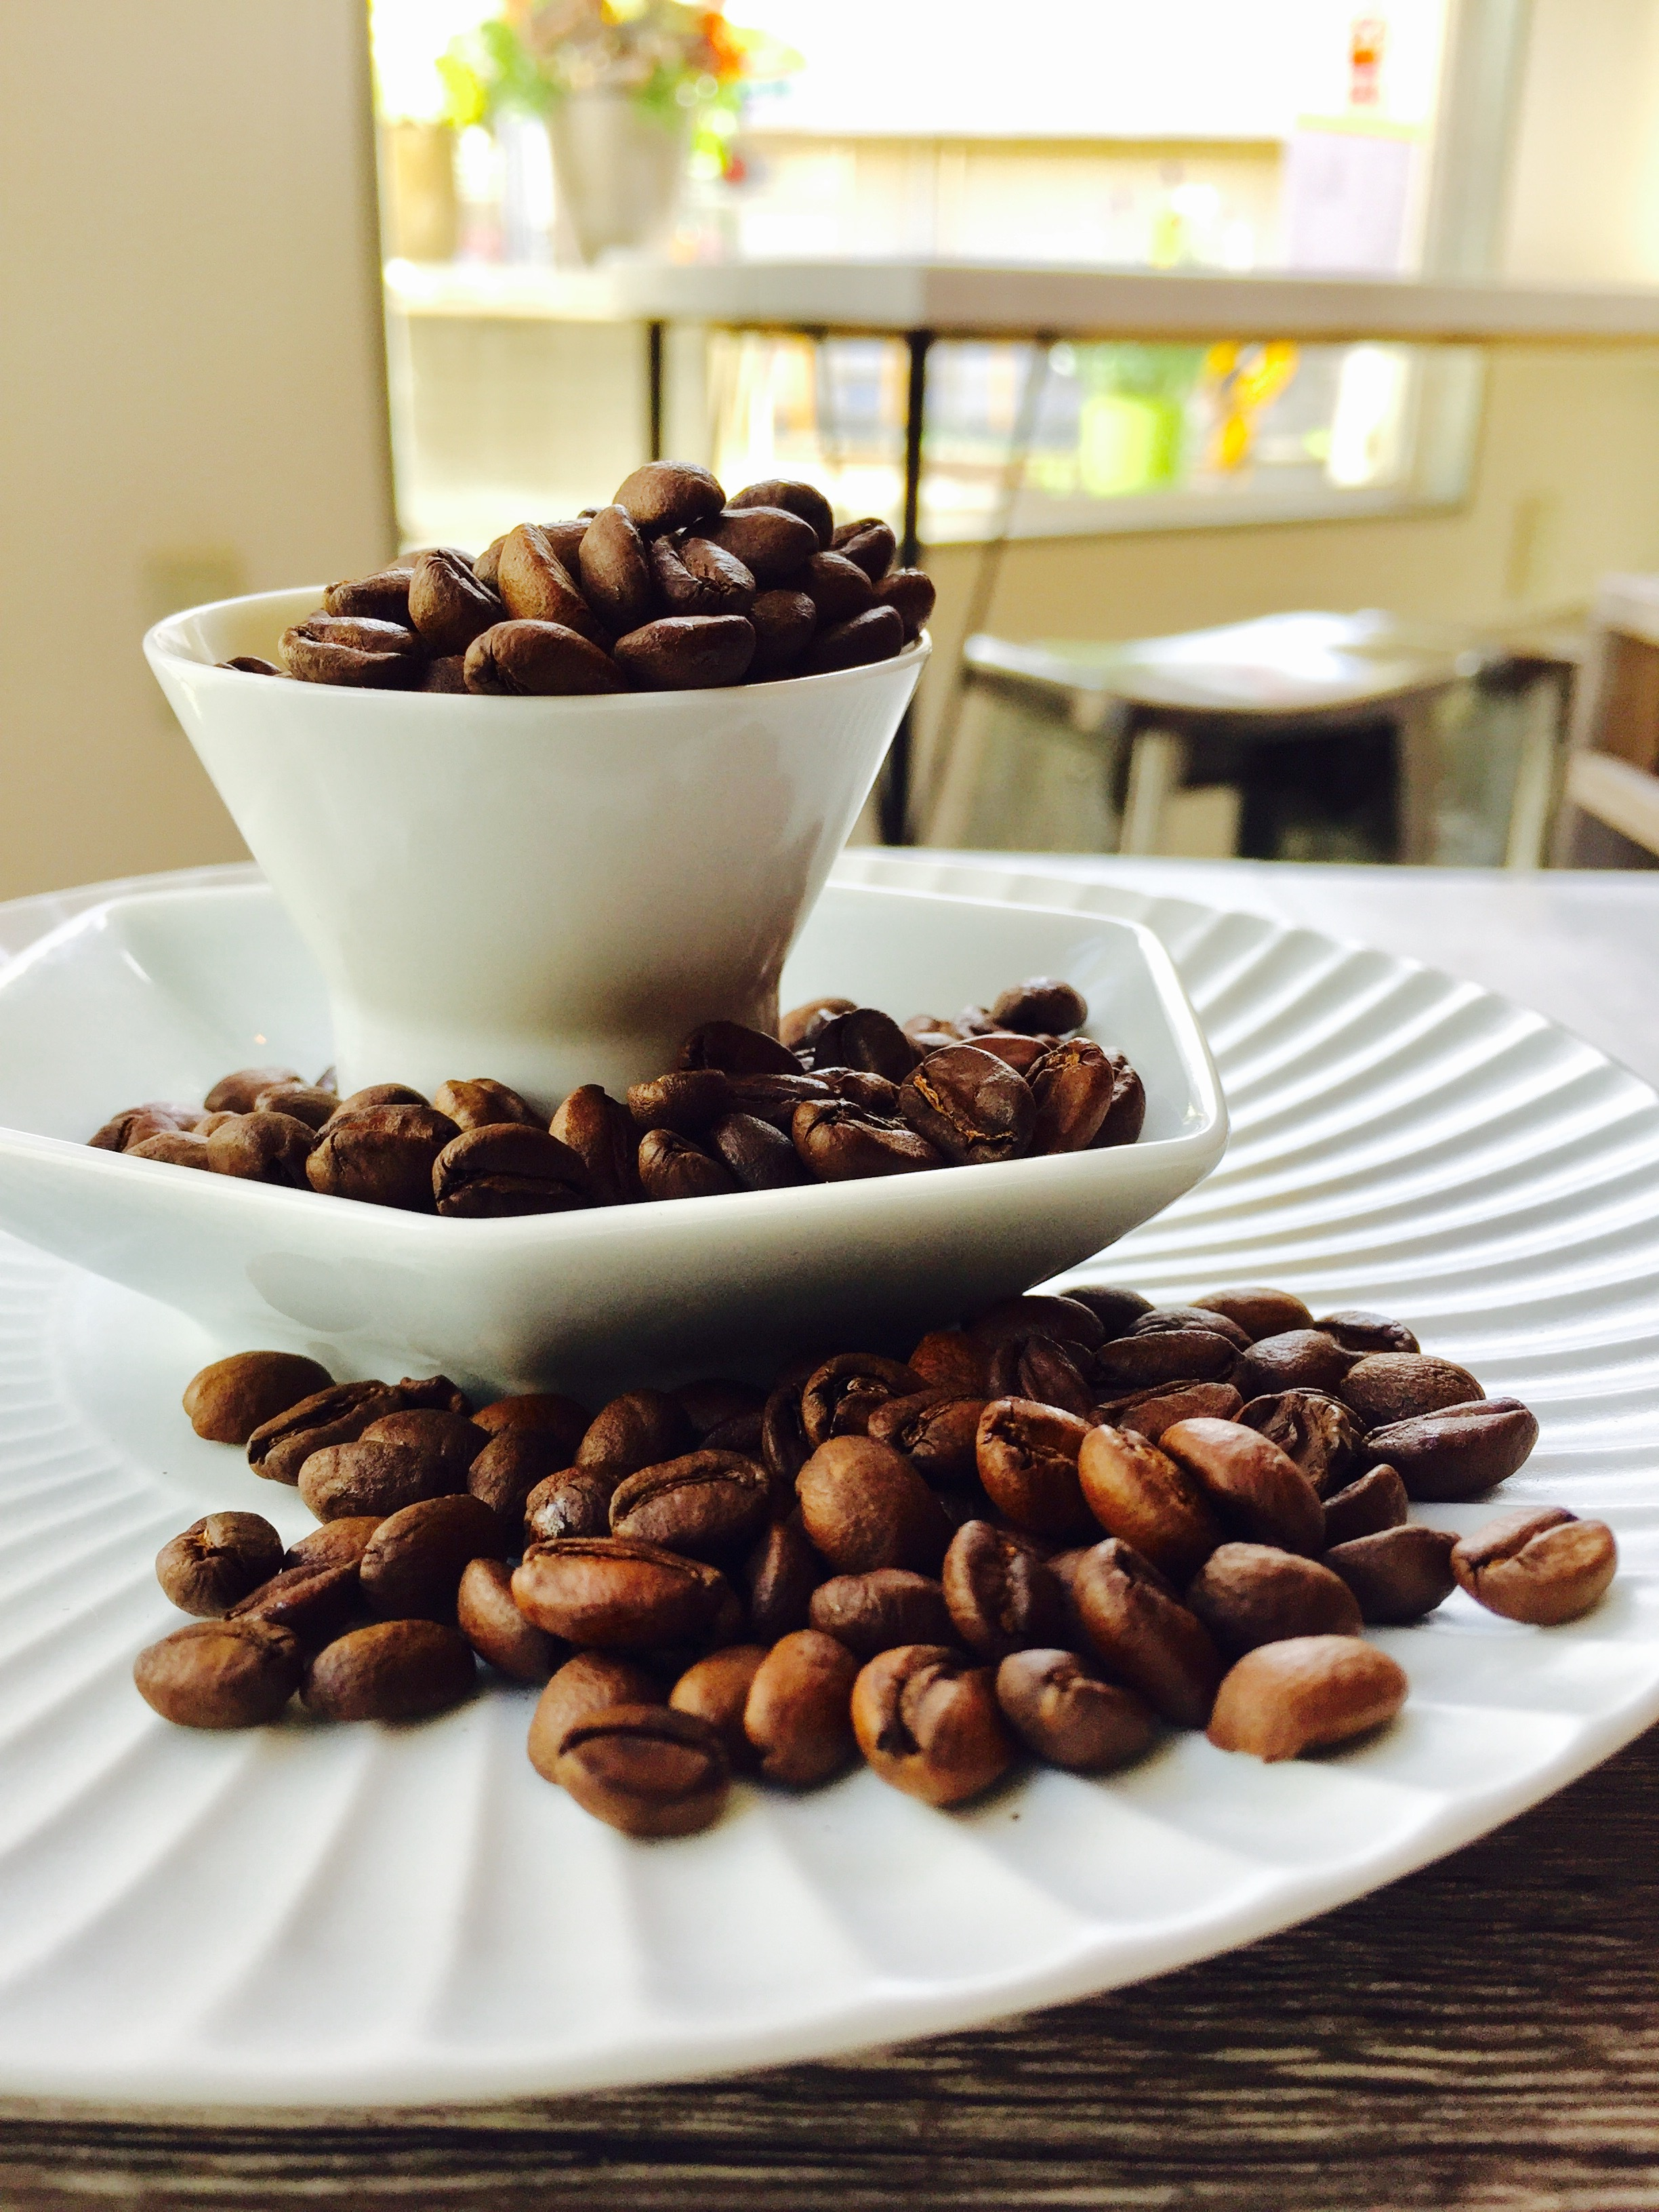 コーヒー豆 1番人気 Numéro Zéro 200g